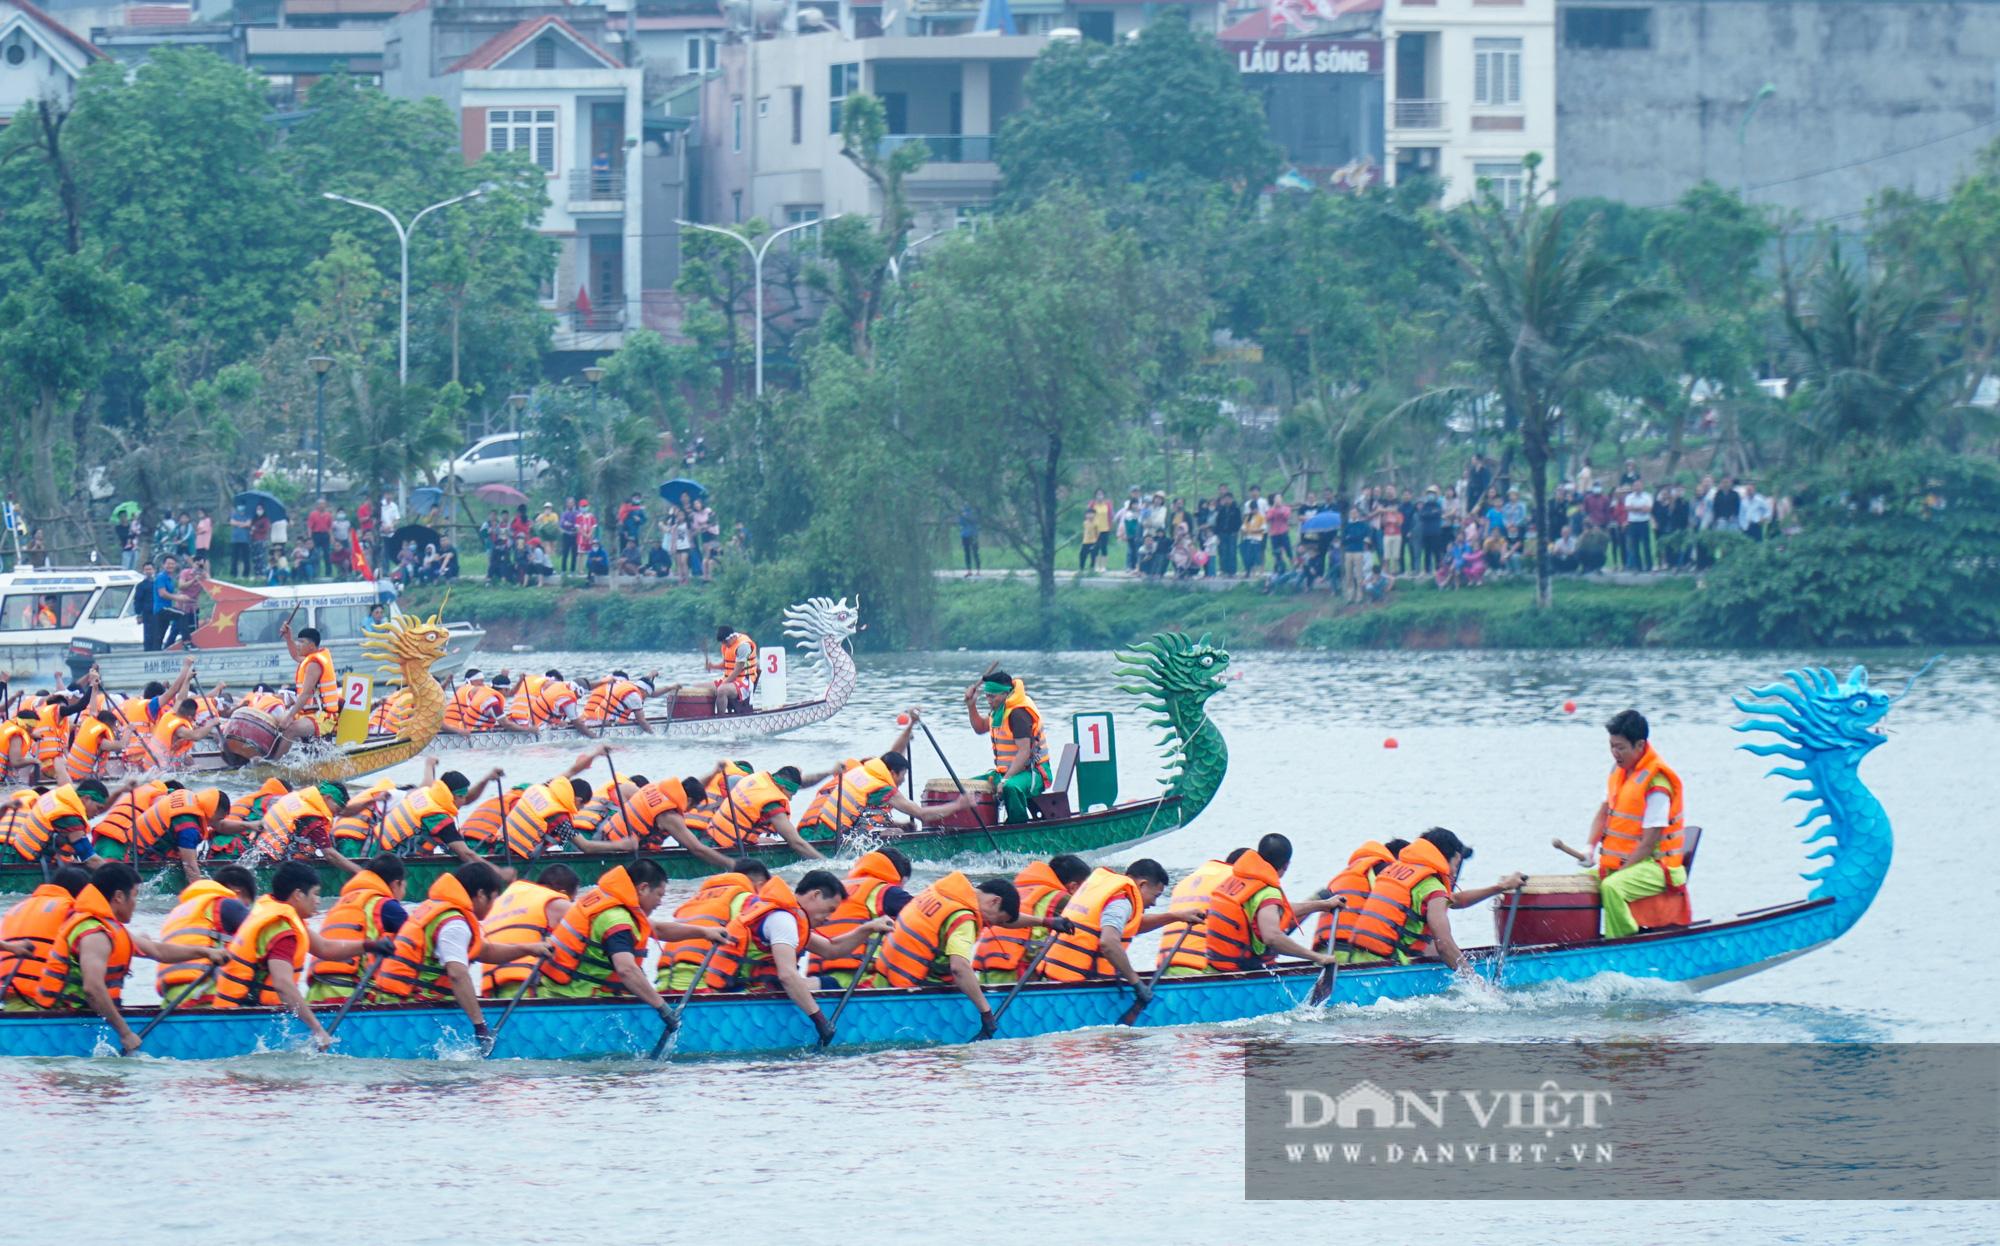 Phú Thọ: Kịch tính giải đua bơi chải chào mừng ngày giỗ Tổ Hùng Vương - Ảnh 4.